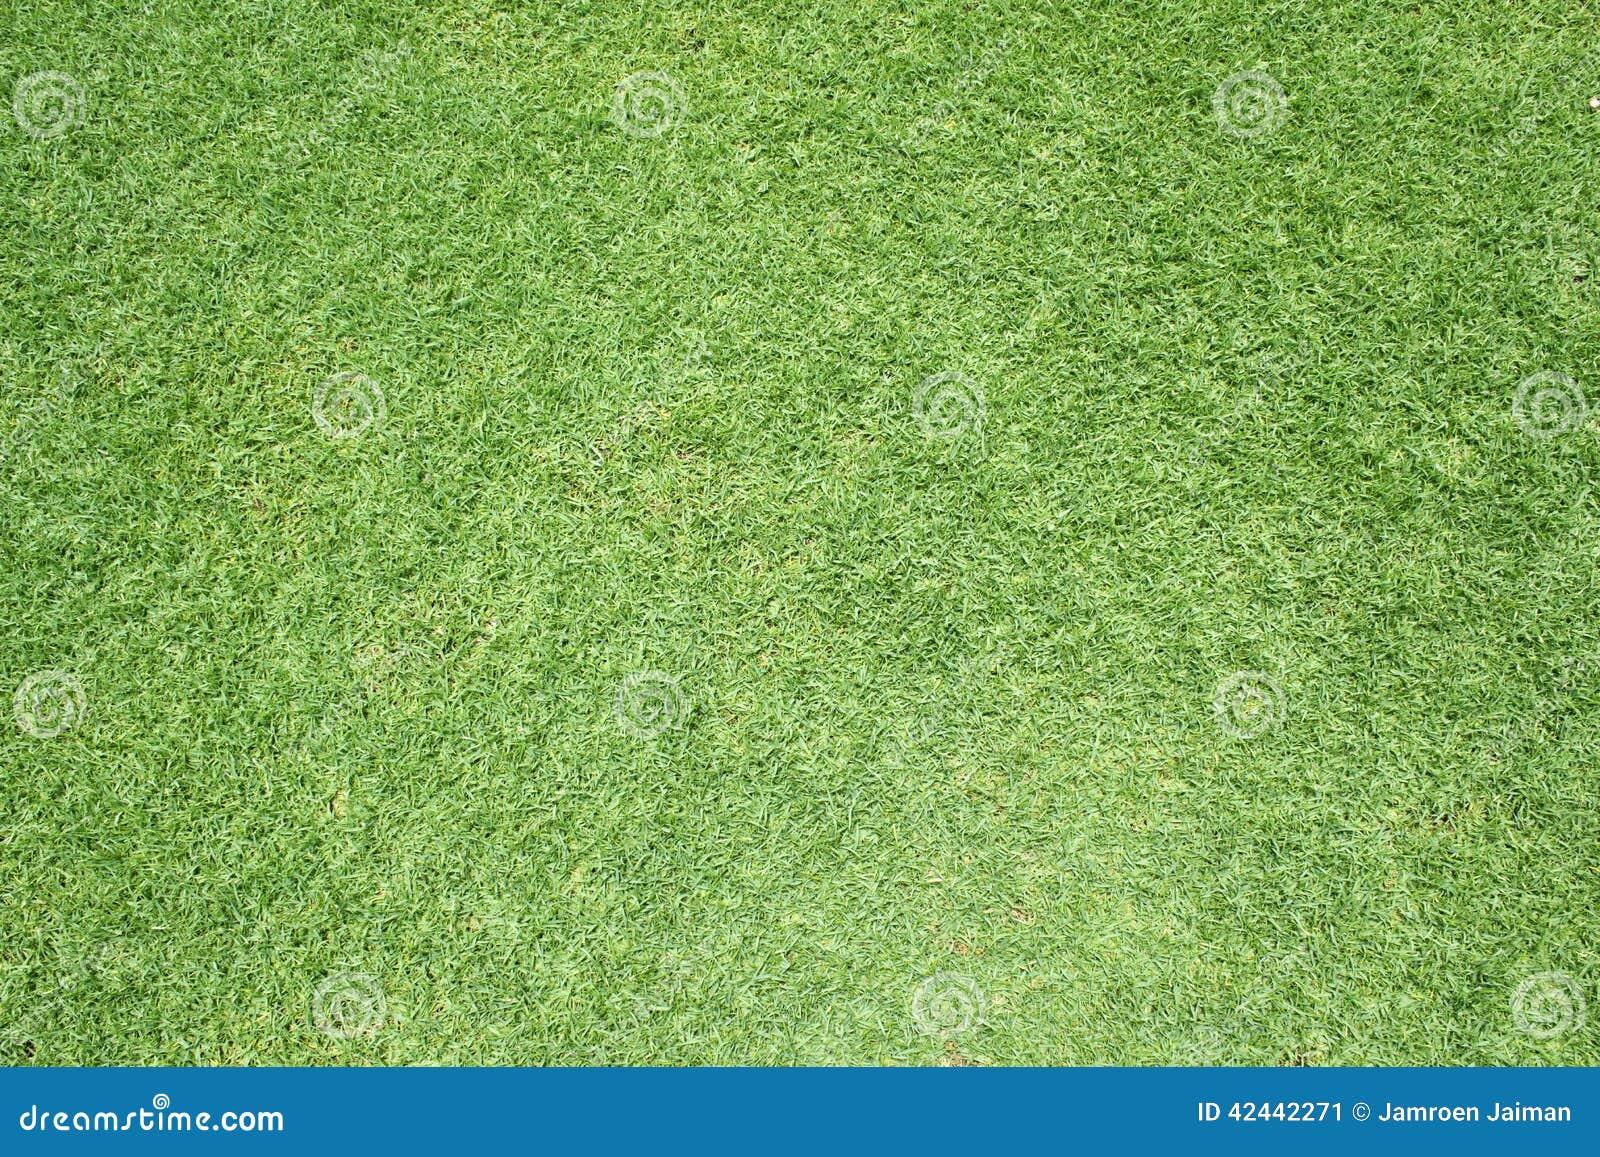 Modelo hermoso de la hierba verde del campo de golf